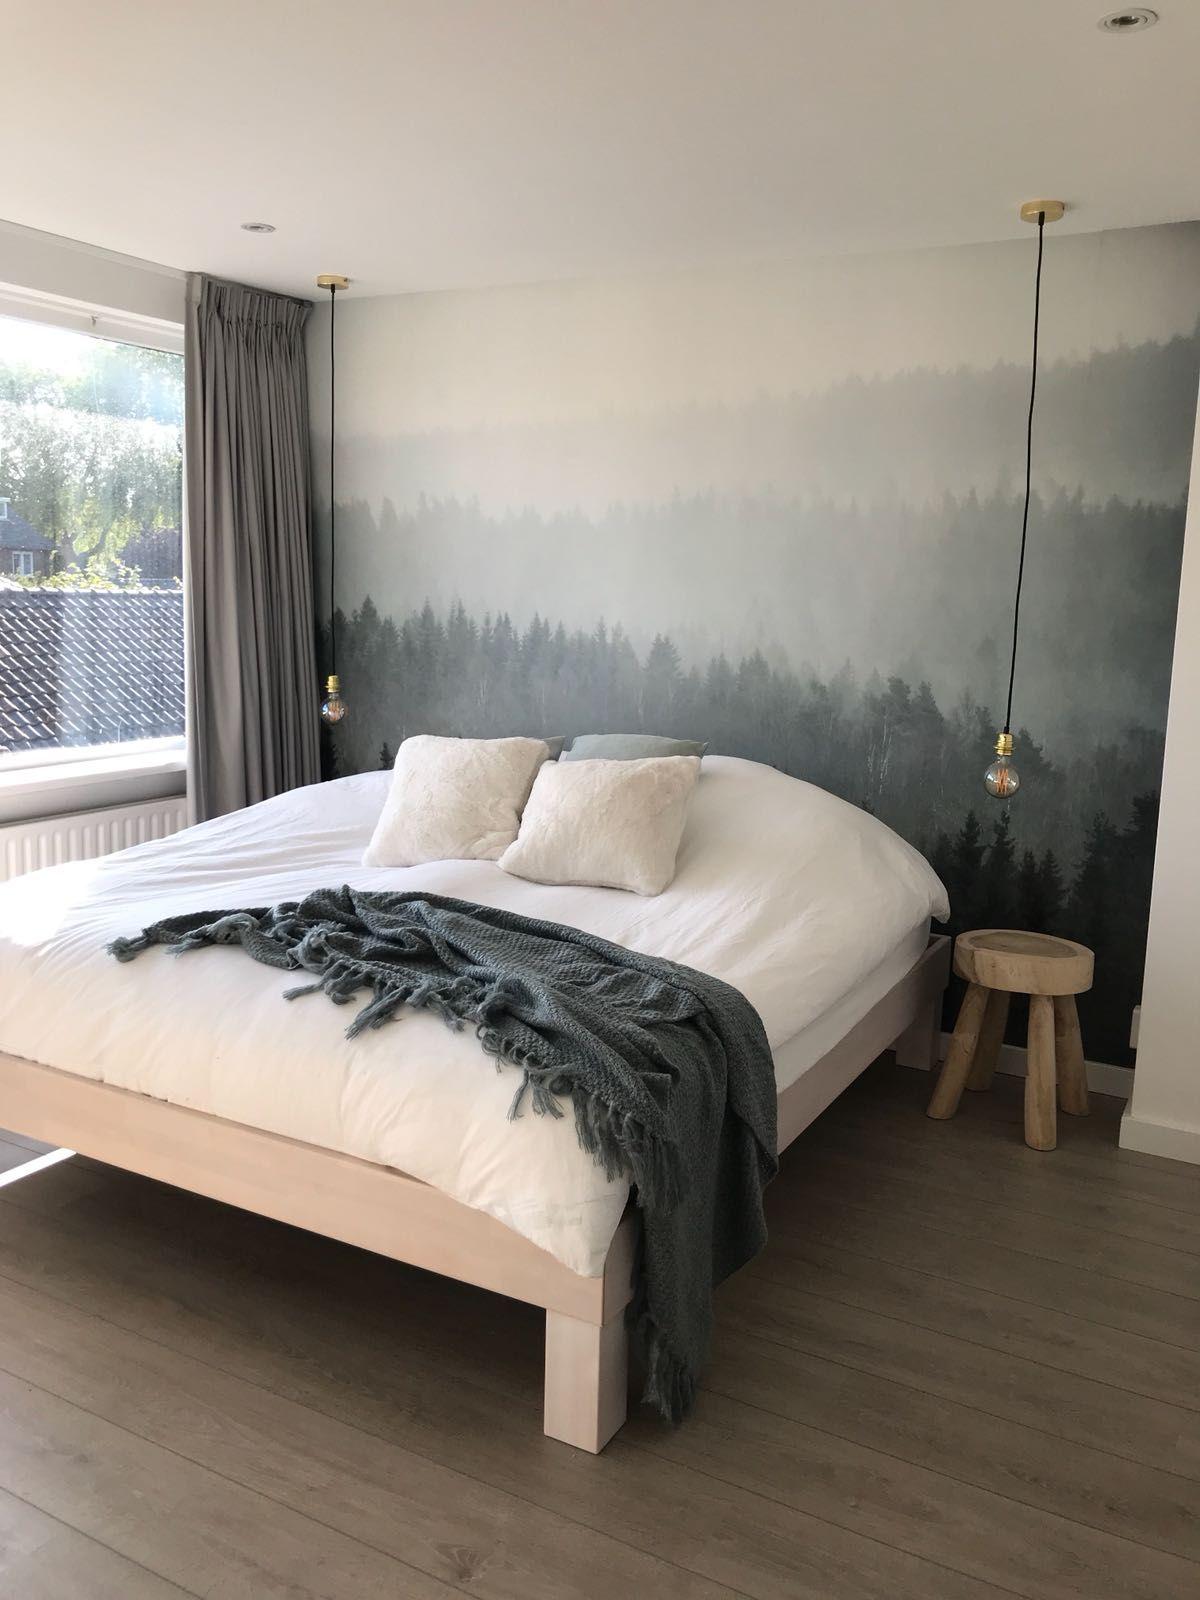 Zelf Behang Printen.Pin Op Home Interior Scandinavisch Industrieel Ideeen